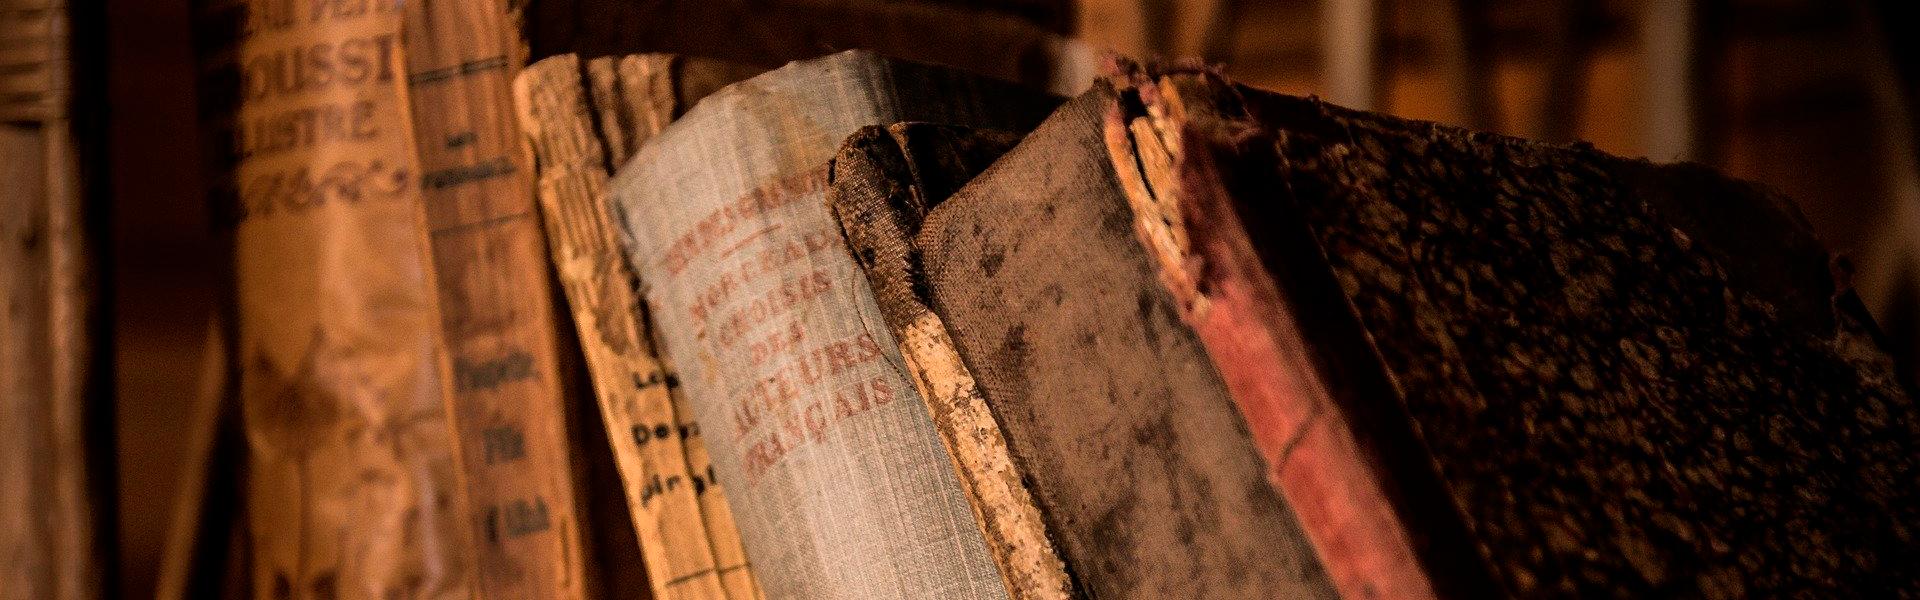 La digitalización de archivos históricos, una transformación necesaria